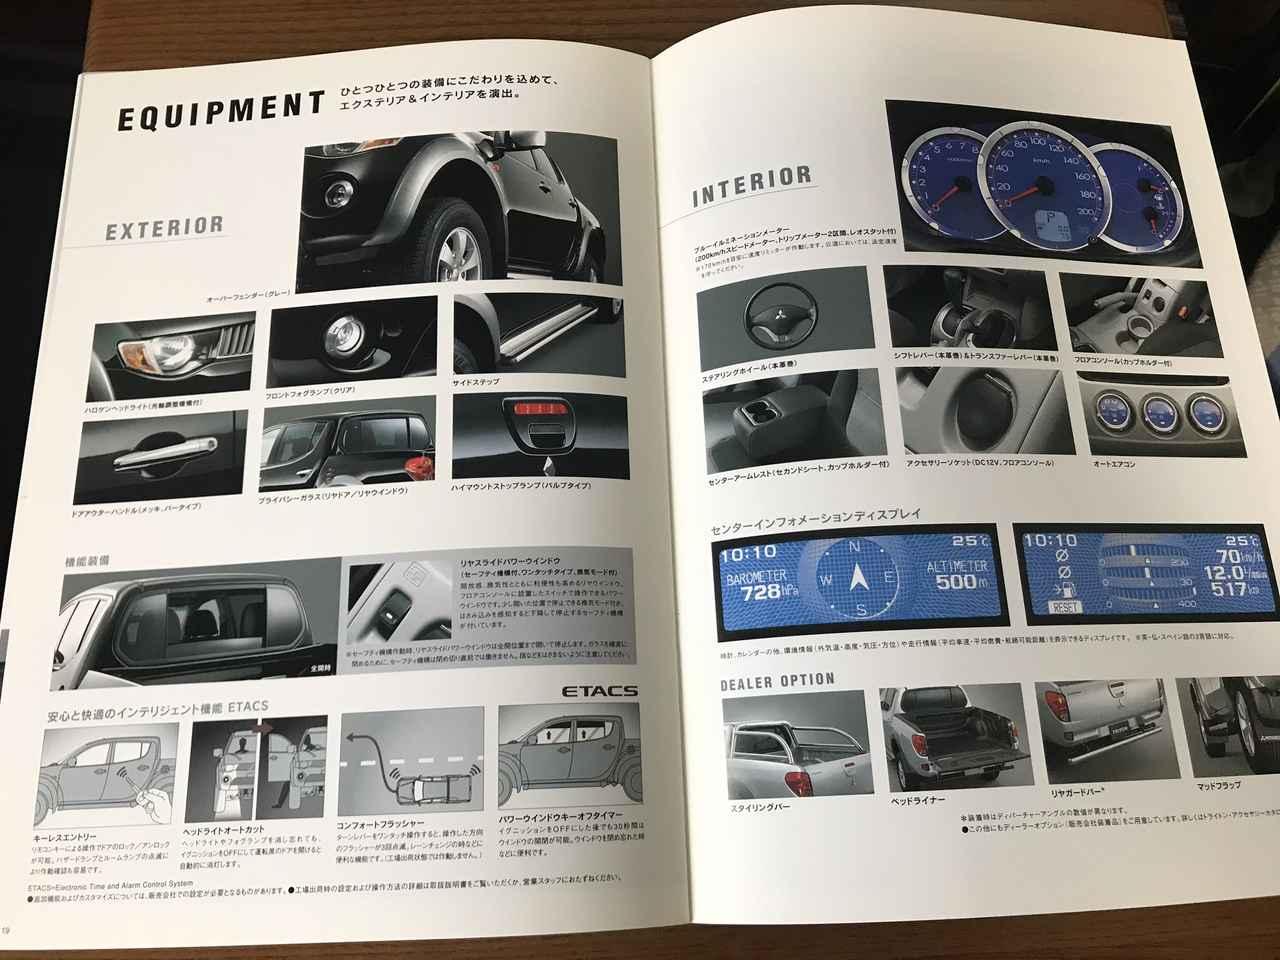 画像10: 懐カタログ'06「三菱 トライトン」